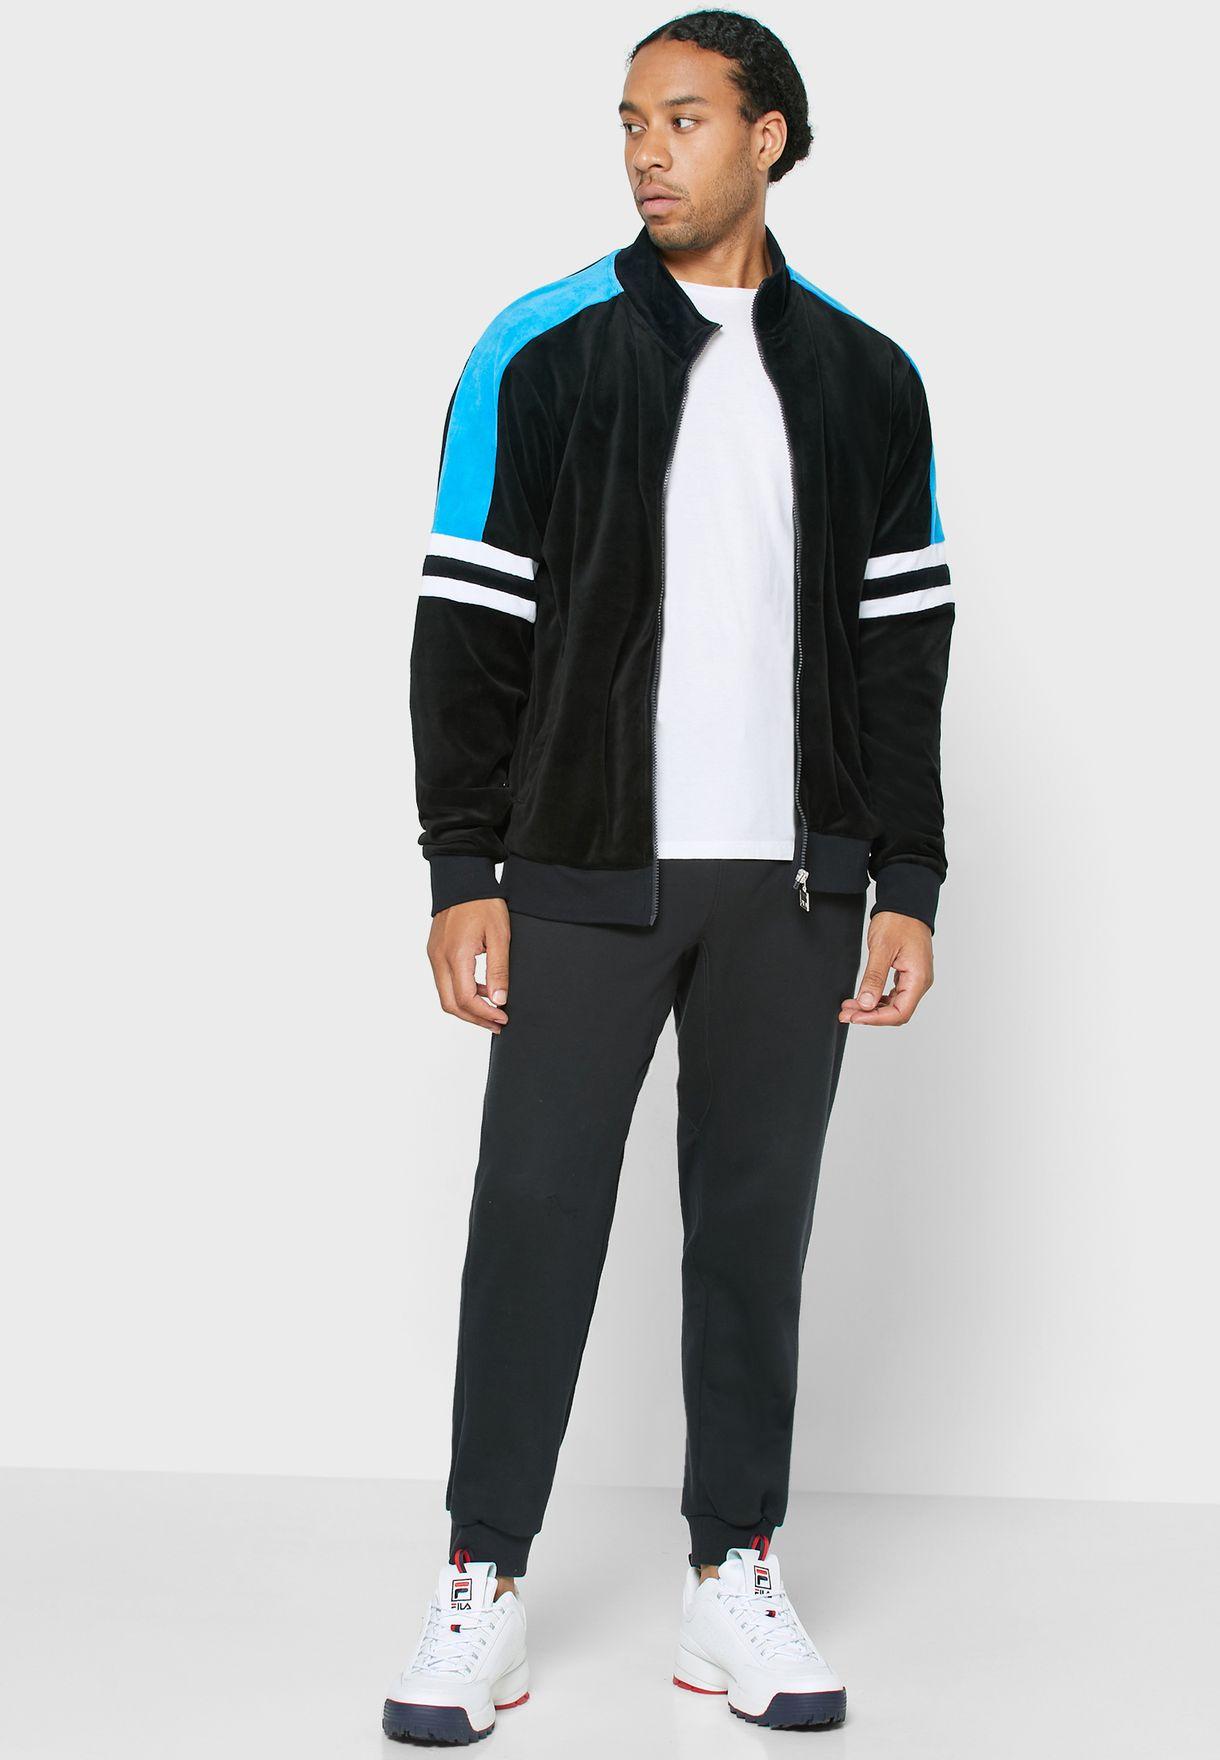 Shay Velour Track Jacket